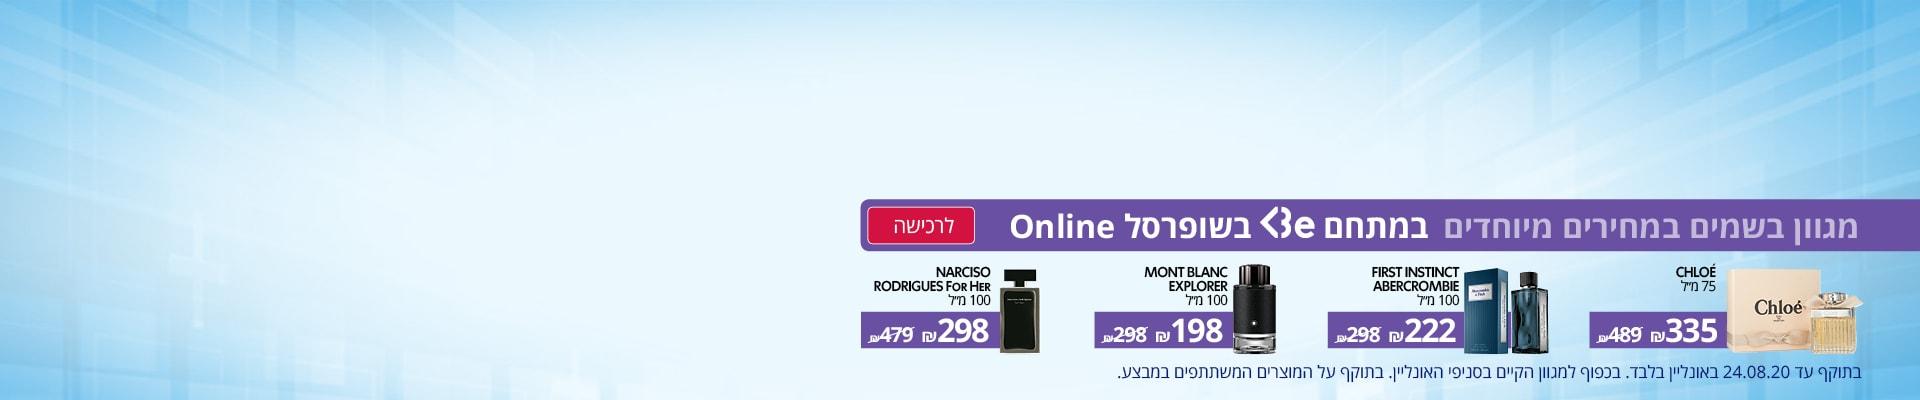 מגוון בשמים במחירים מיוחדים במתחם Be בשופרסל online לרכישה, בתוקף עד 24.08.20 באונליין בלבד. בכפוף למגוון הקיים בסניפי האונליין. בתוקף על המוצרים המשתתפים במבצע.